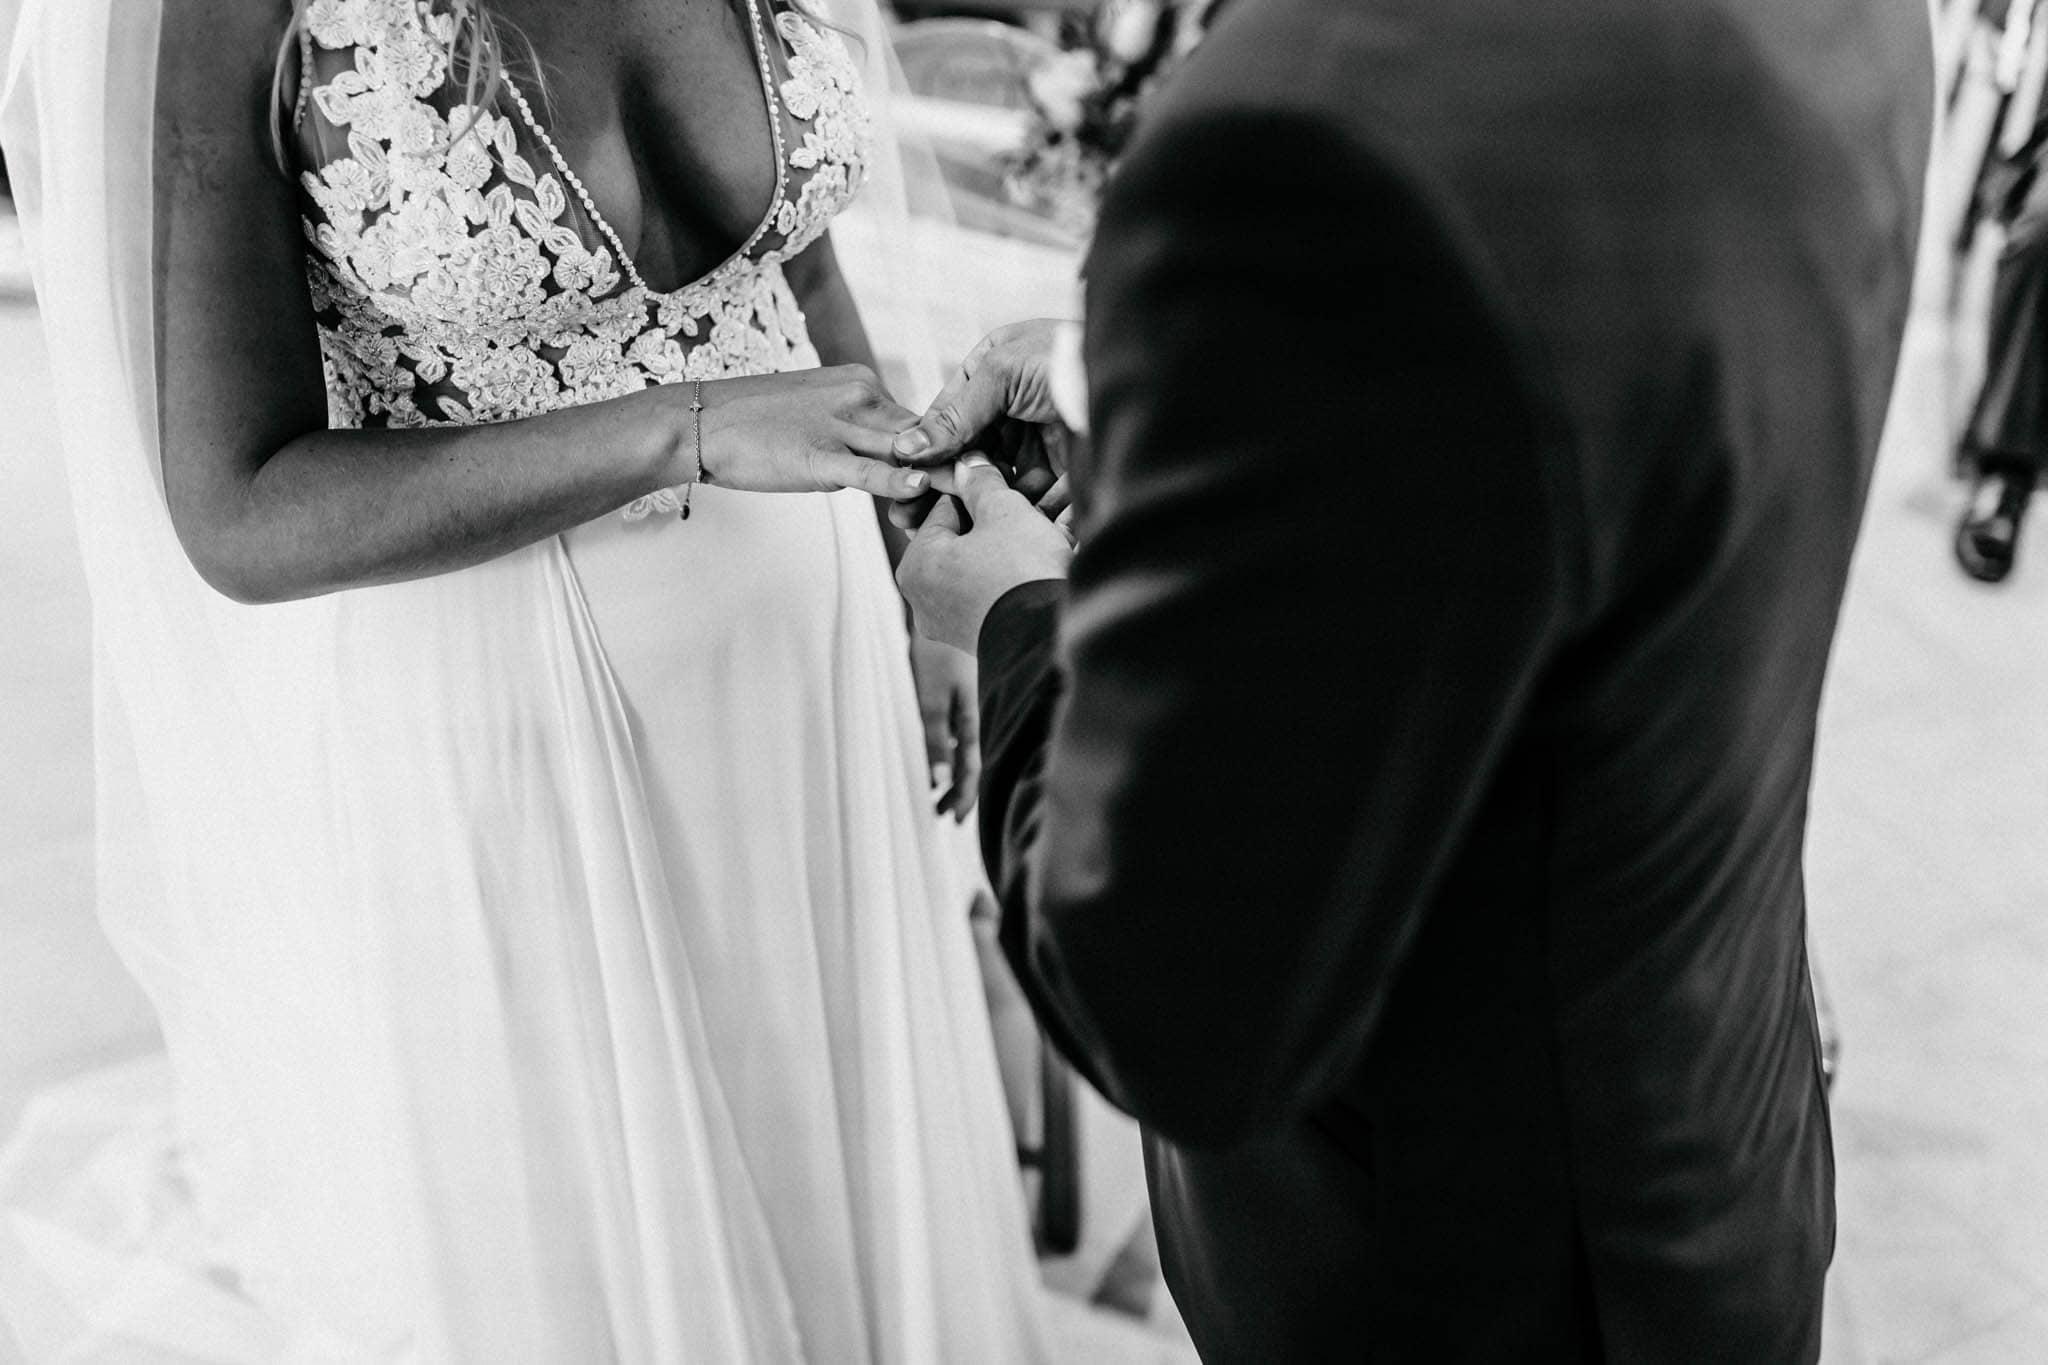 Hochzeitsfieber by Photo-Schomburg, Hochzeitsfotograf, Hamburg, Bremen, Hochzeitstag, Hochzeitspaar, Braut, Bräutigam, Bremen-Kränholm,Knoops Park-95